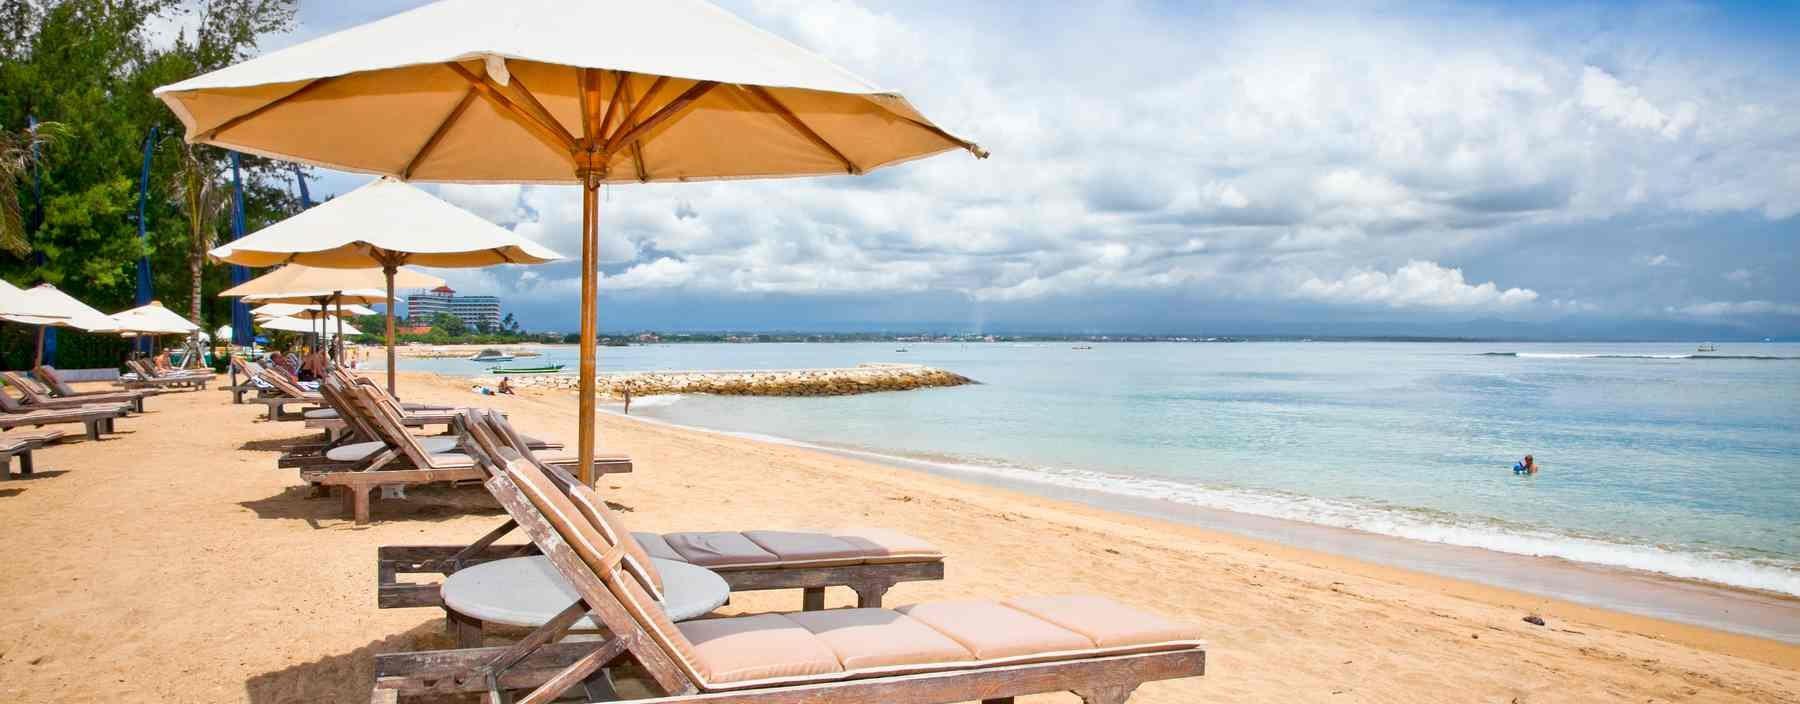 id, bali, sanur beach.jpg